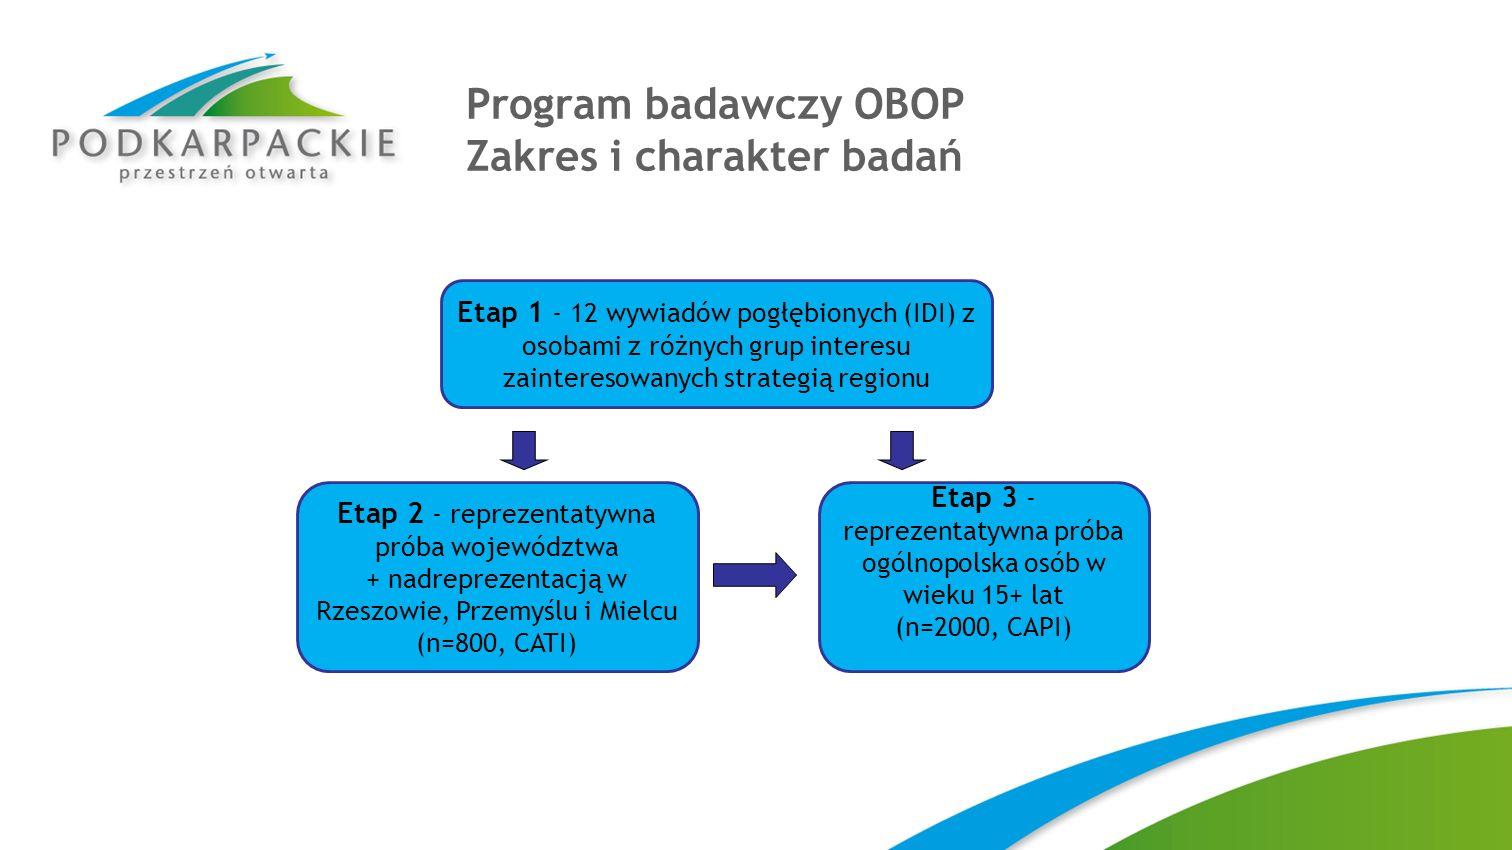 Program badawczy OBOP.